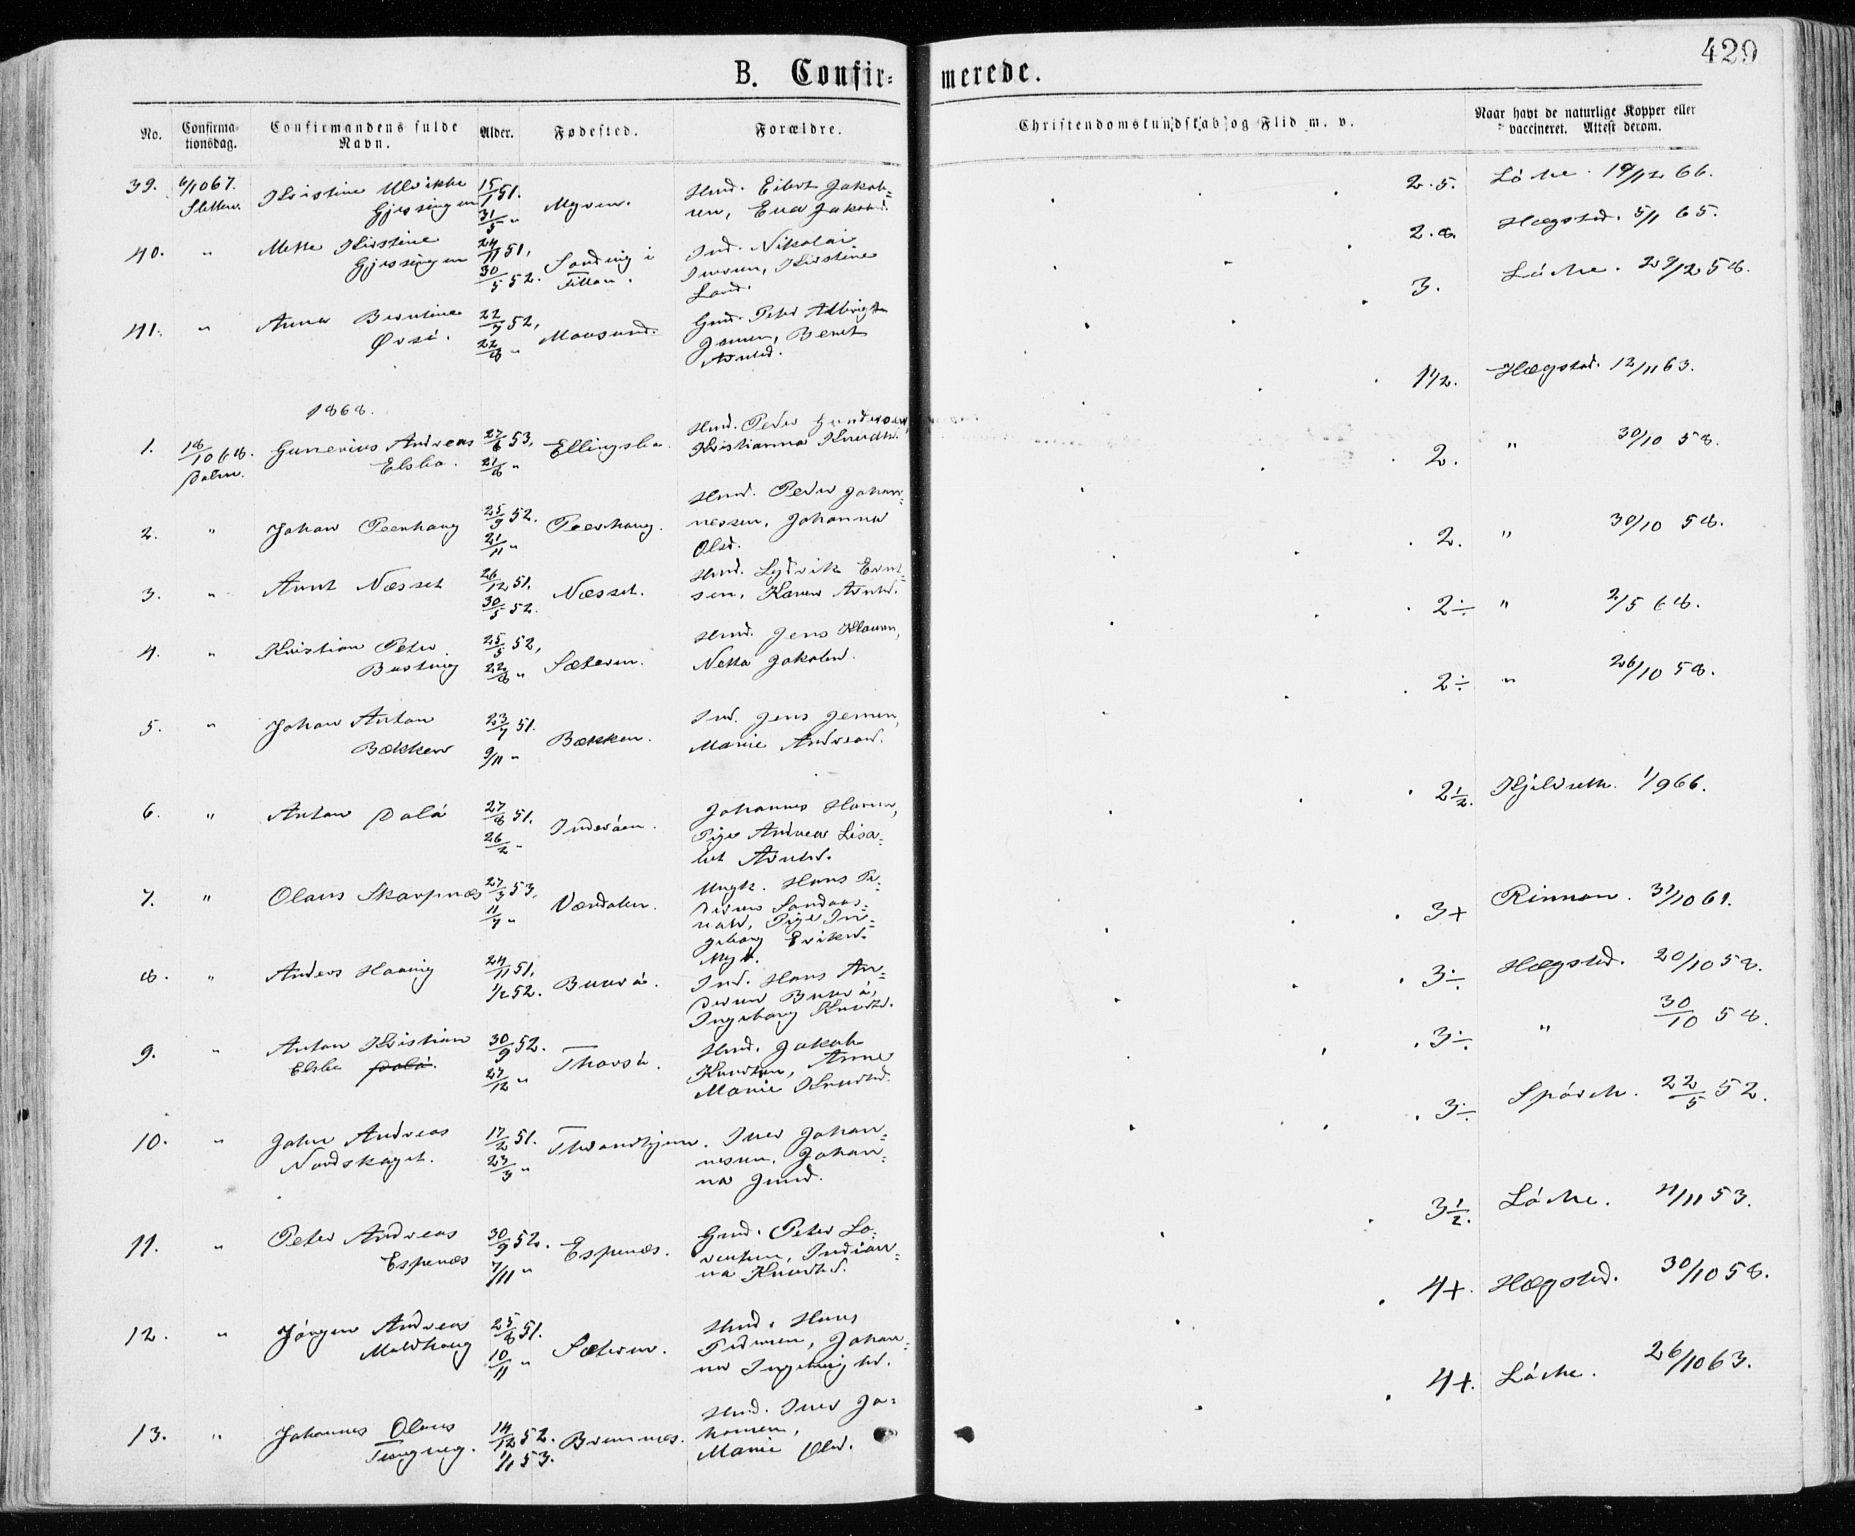 SAT, Ministerialprotokoller, klokkerbøker og fødselsregistre - Sør-Trøndelag, 640/L0576: Ministerialbok nr. 640A01, 1846-1876, s. 429